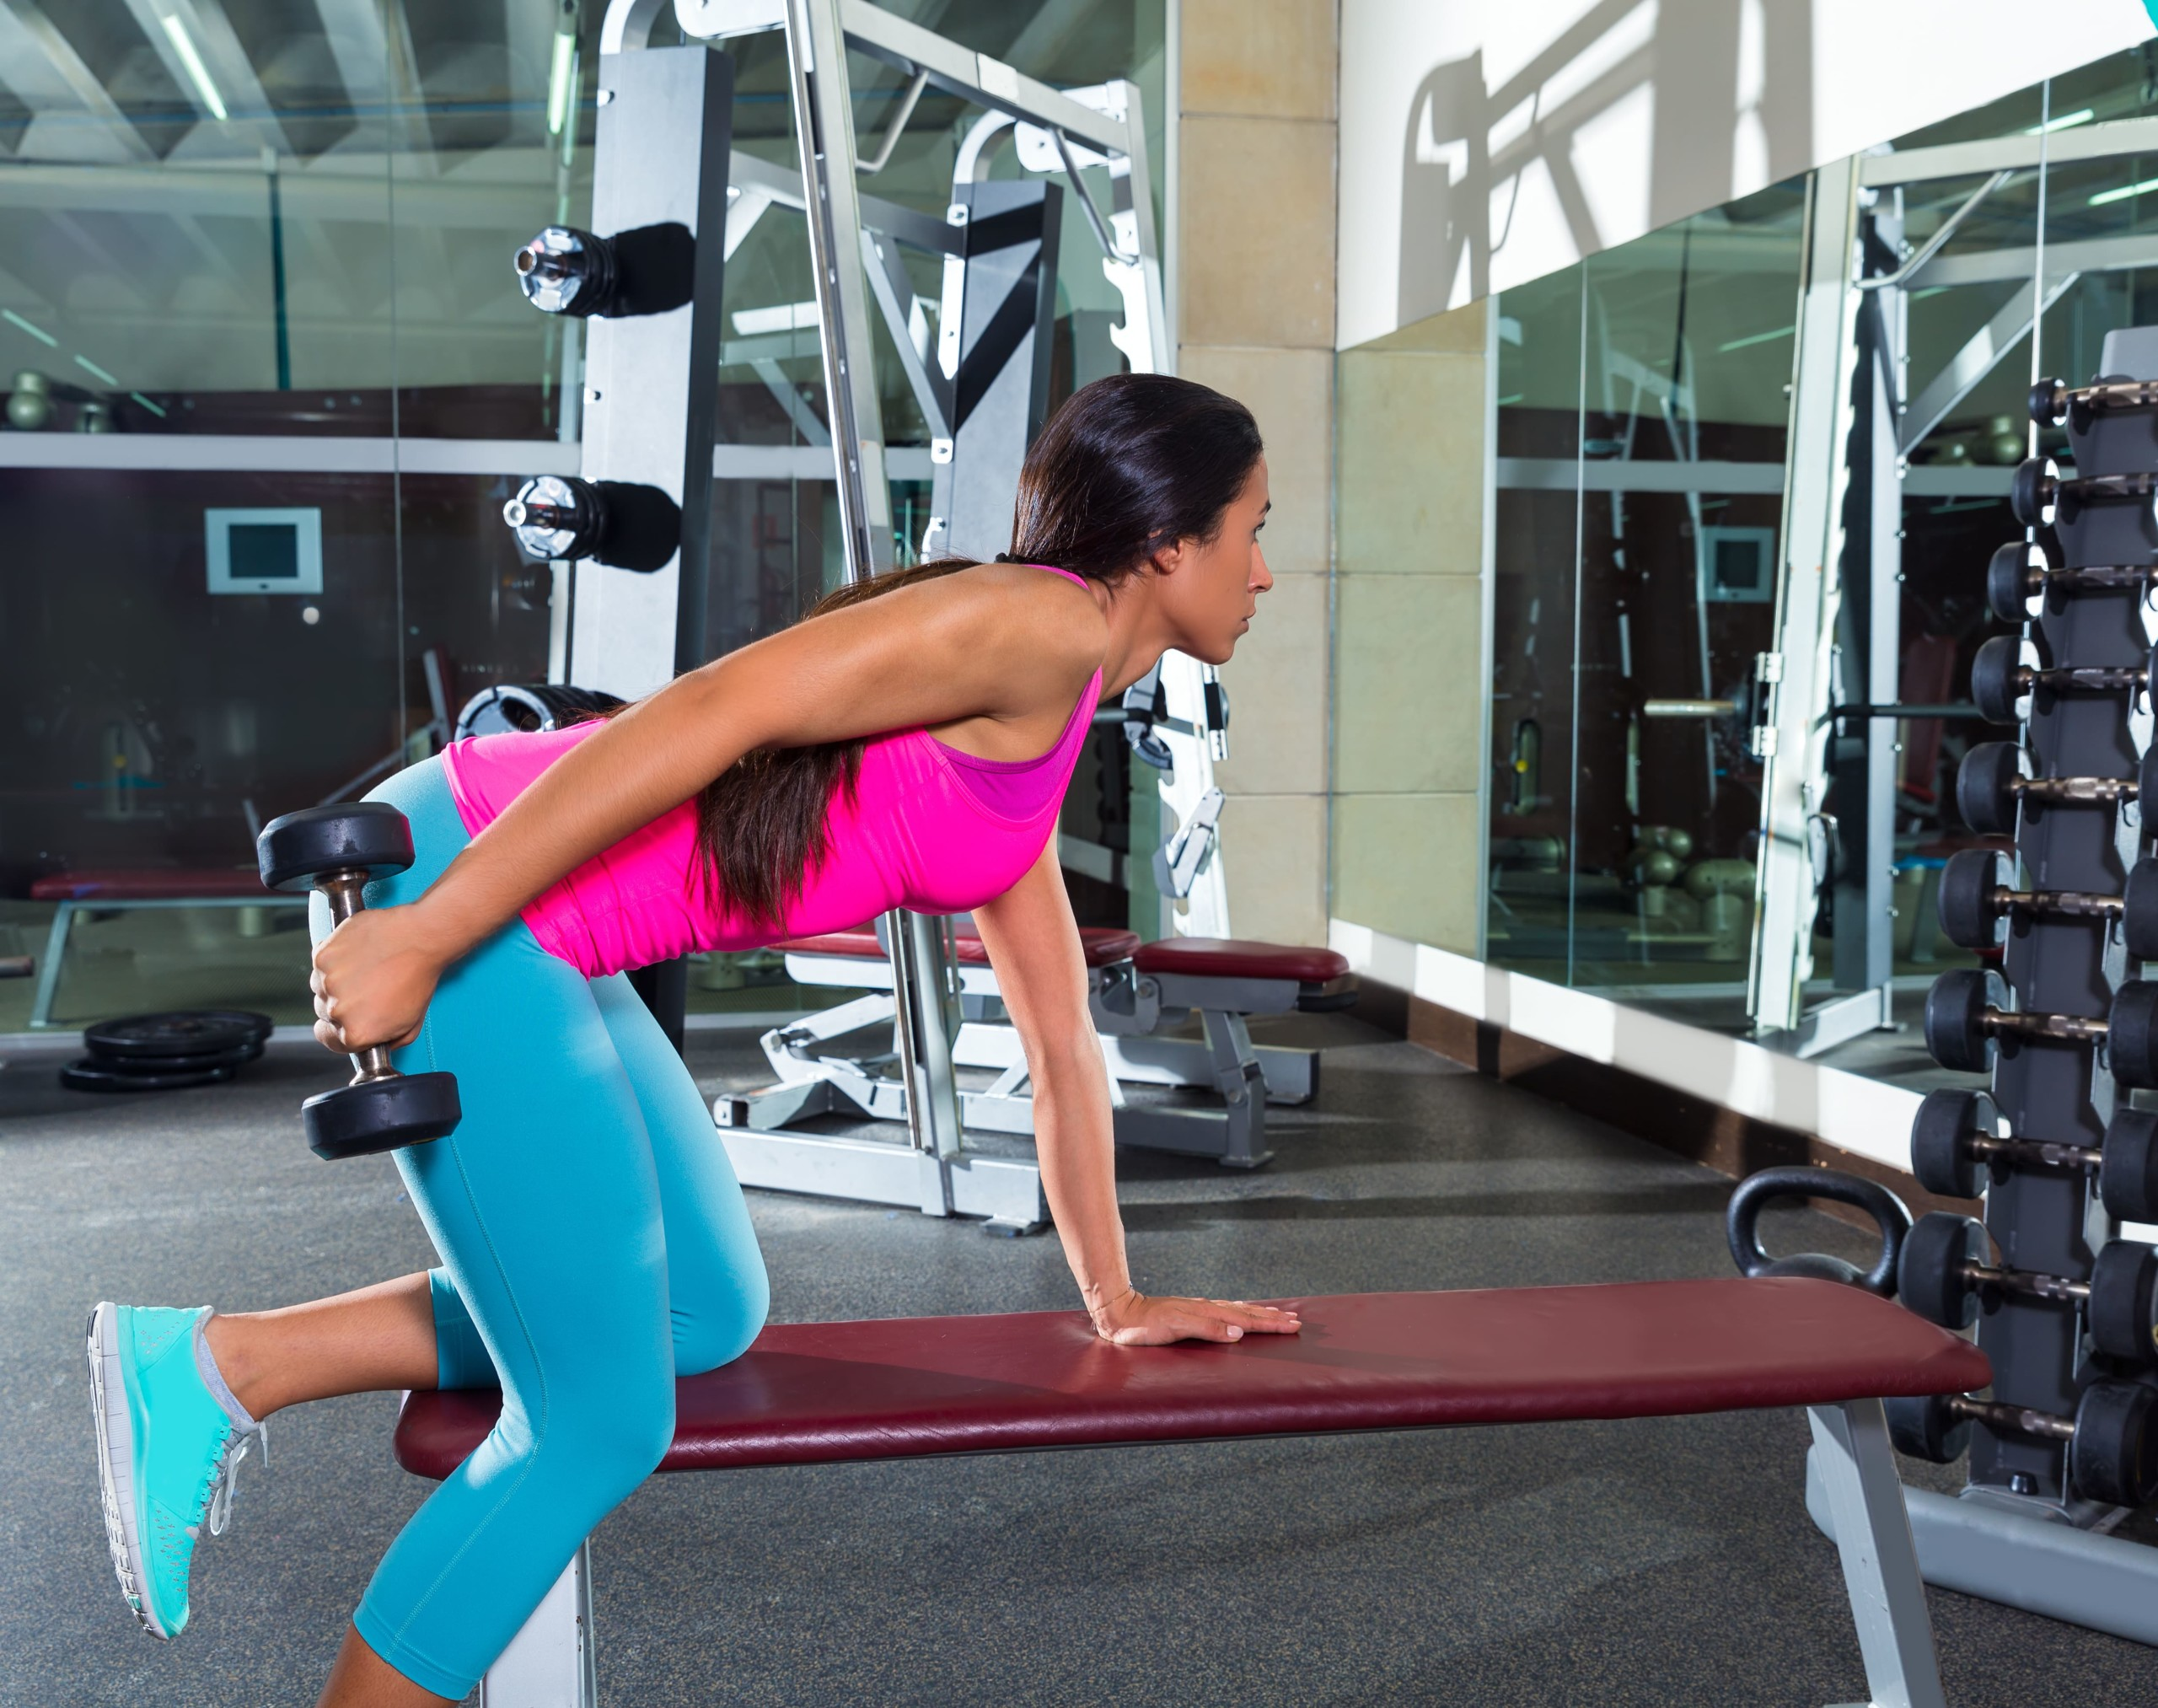 女性がダンベルを持ってトレーニングを行なっている